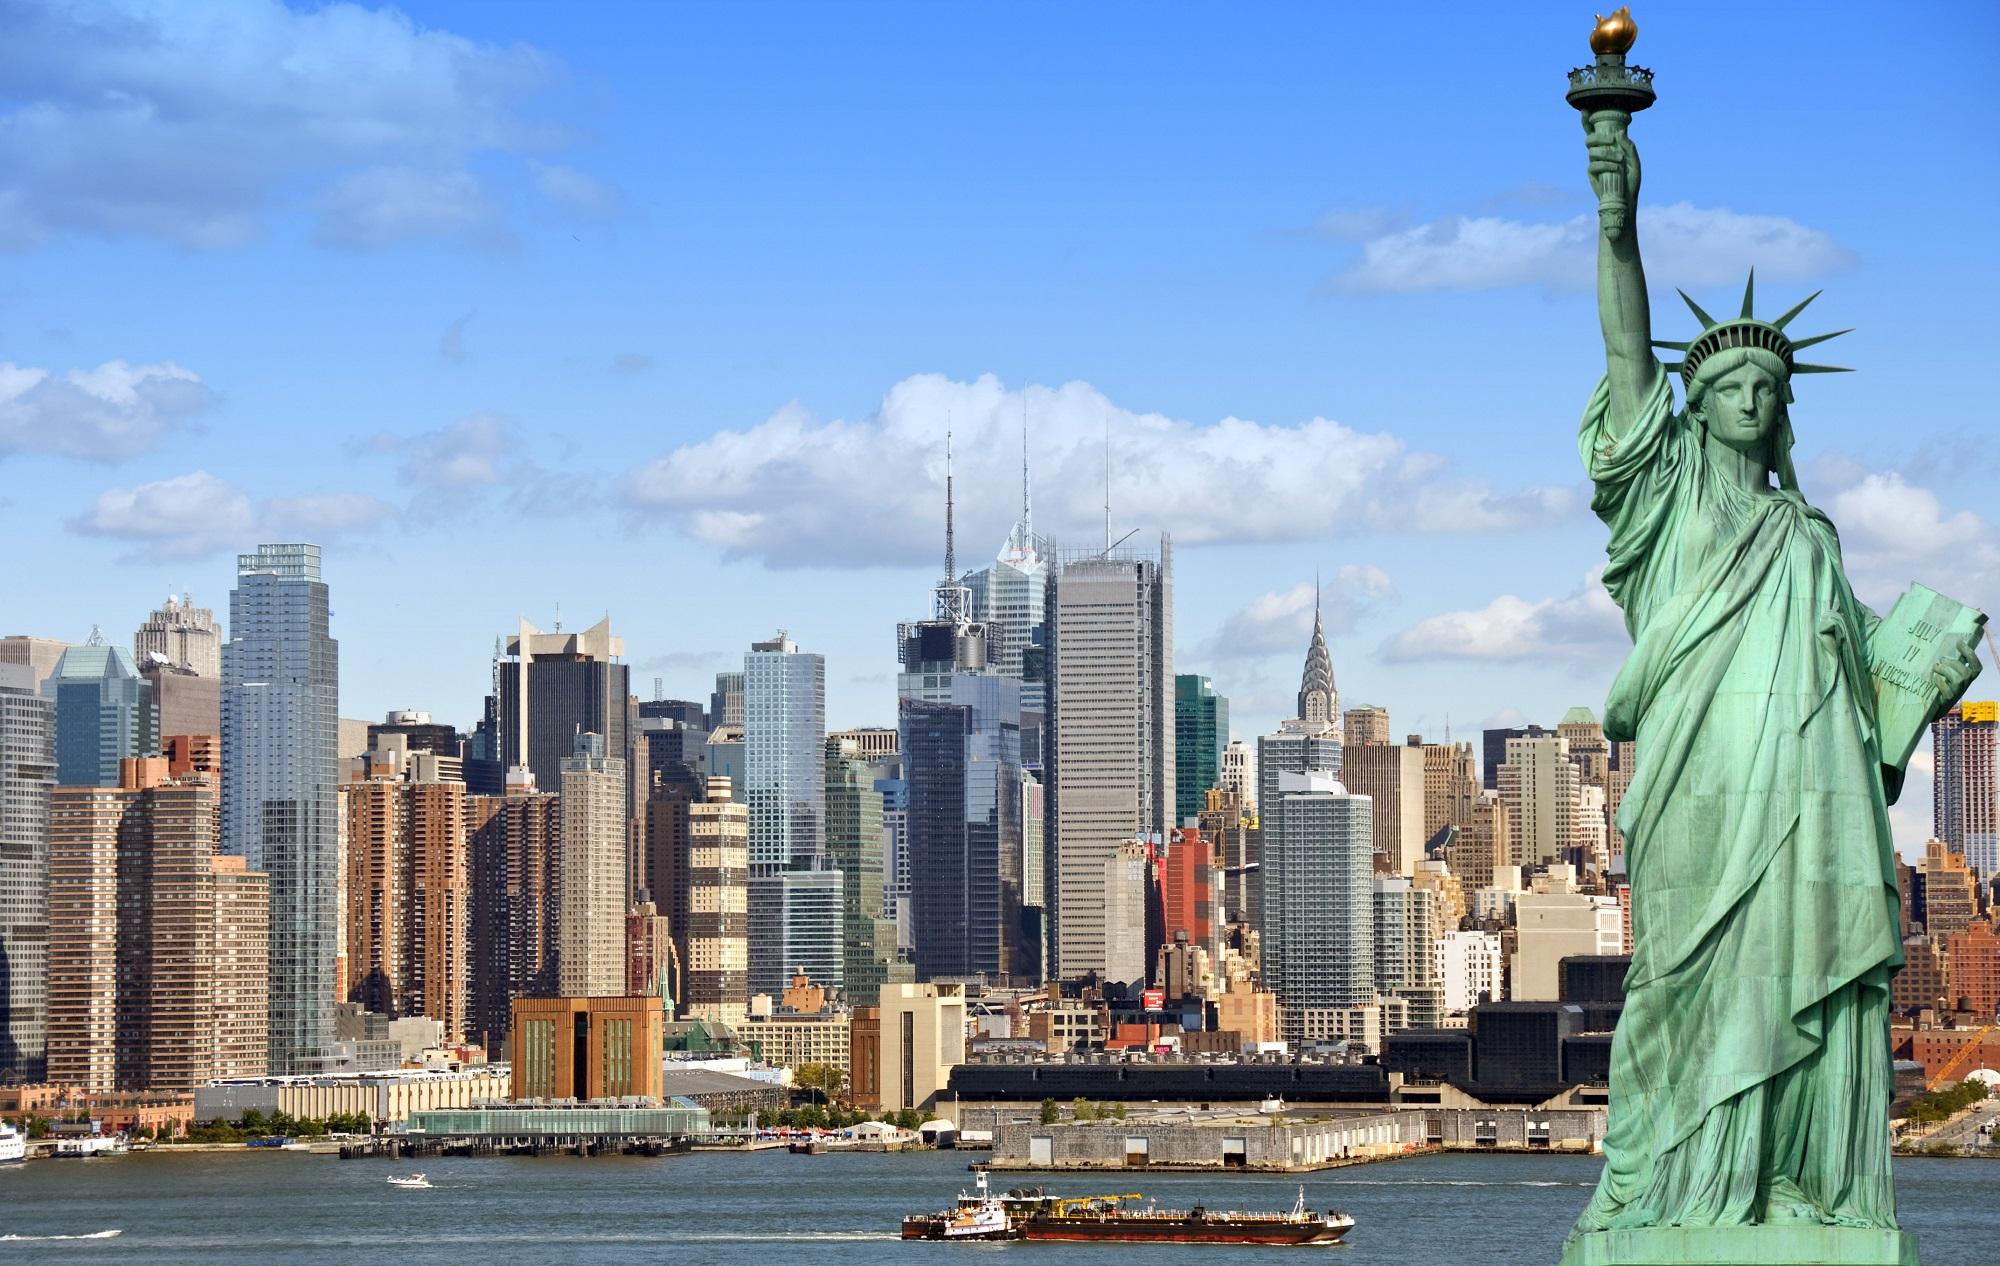 St Giles Нью-Йорк